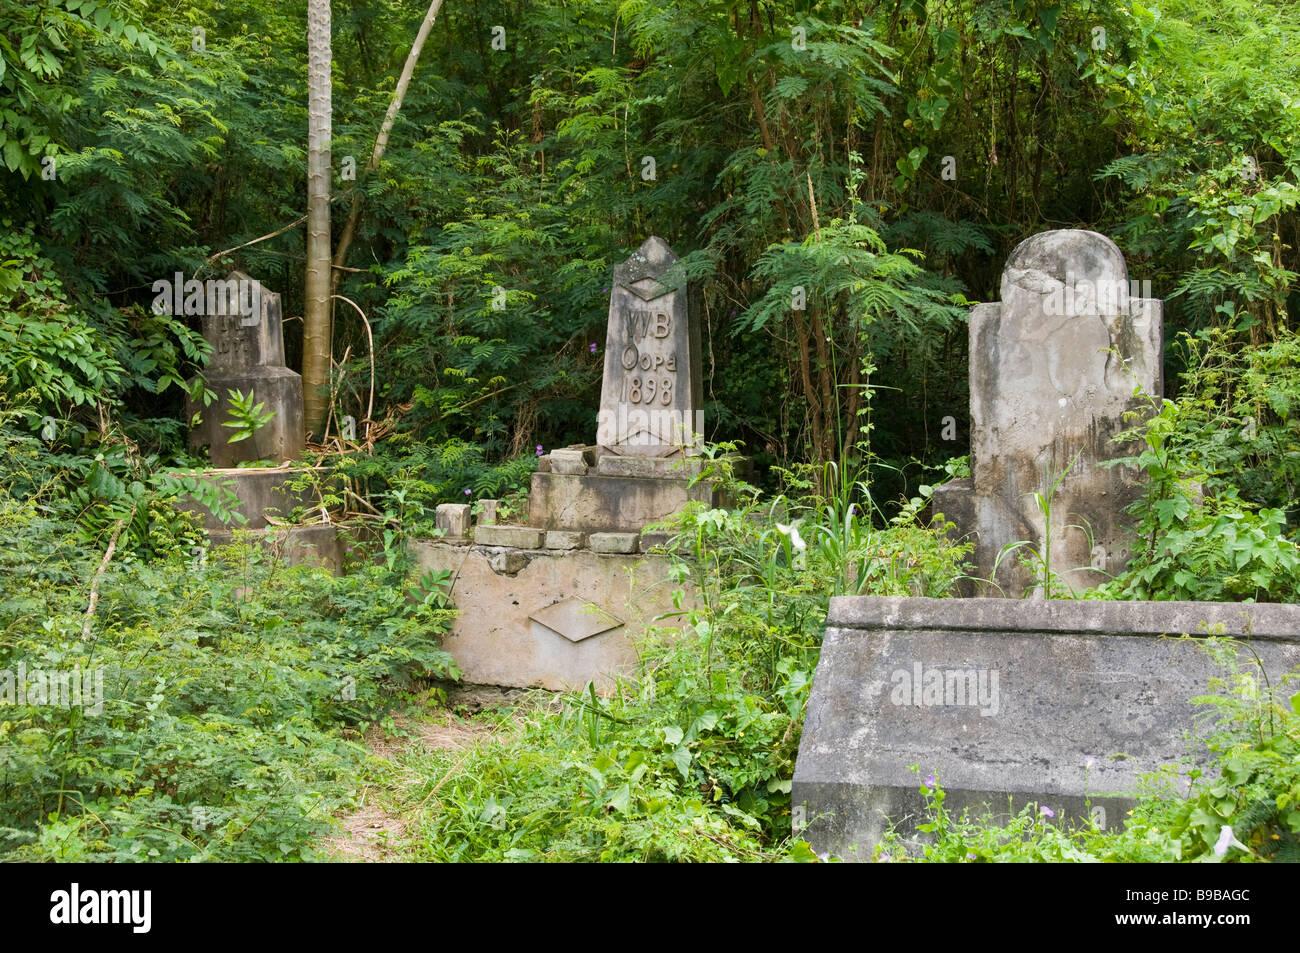 Tombstones behind abandoned building, Halawa Valley, Molokai, Hawaii. - Stock Image